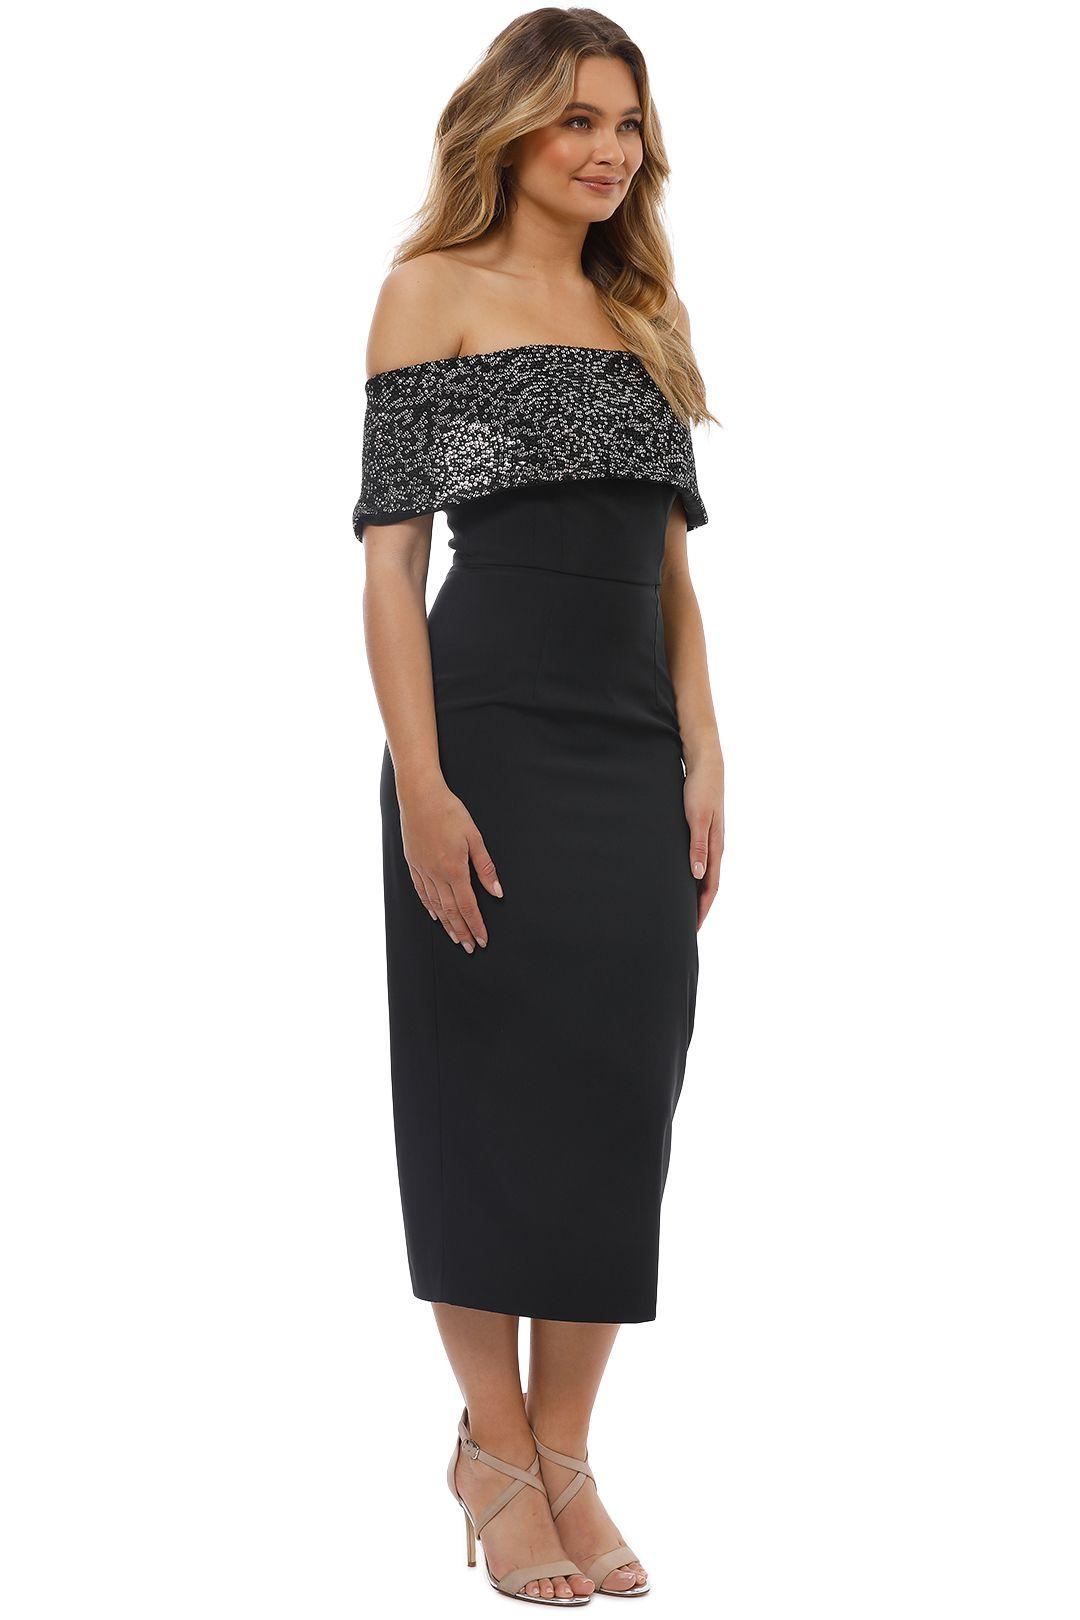 Unspoken - Camille Off Shoulder Dress - Black - Side